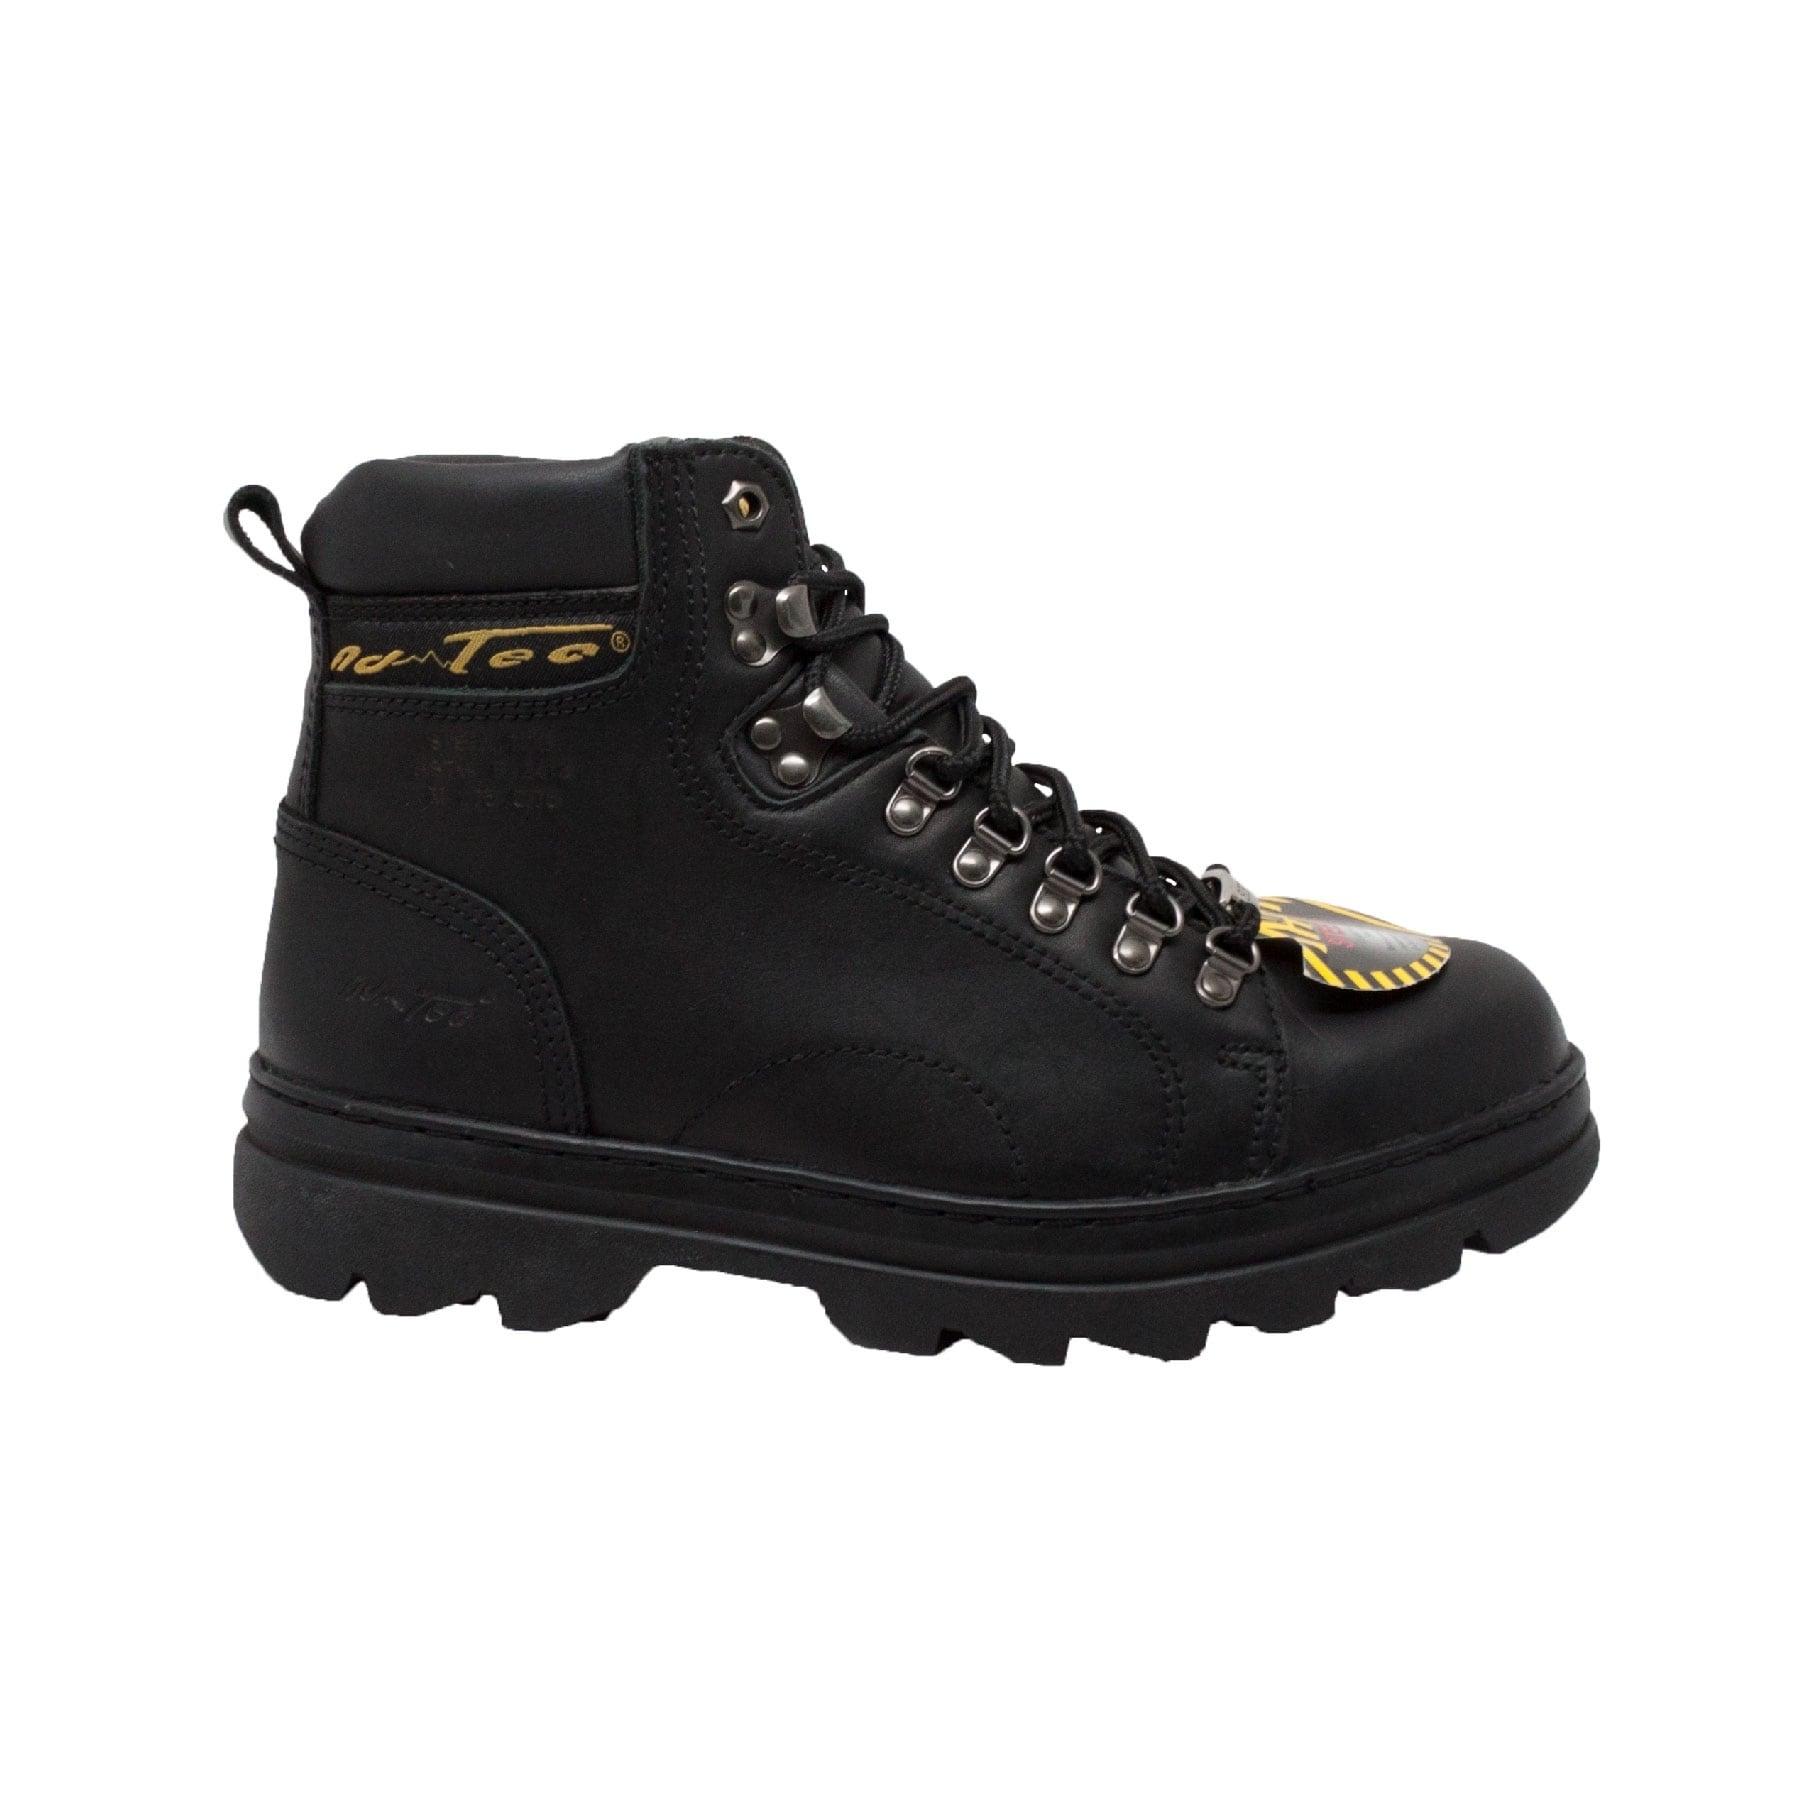 987e3898d455 Shop AdTec Men s 6